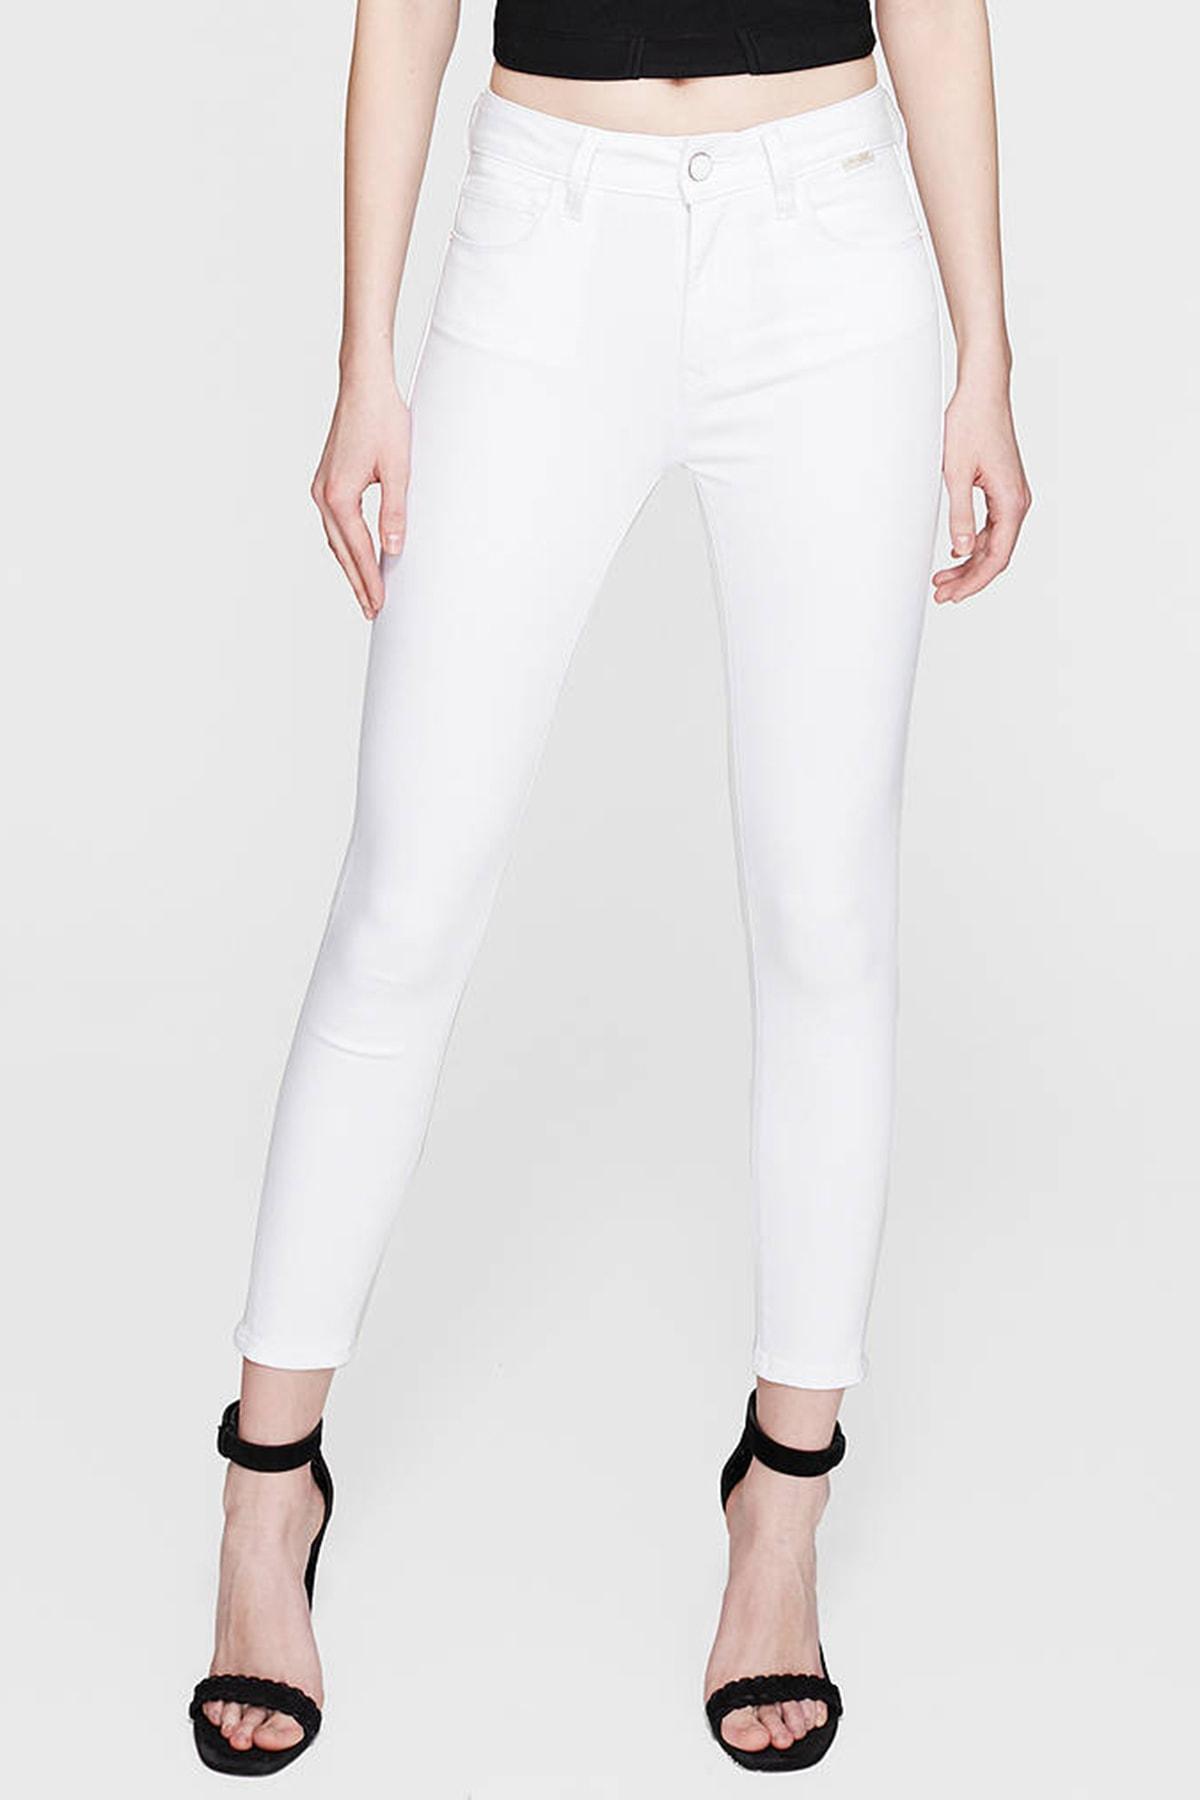 Mavi Kadın Tess Gold Beyaz Jean Pantolon 100328-28143 1